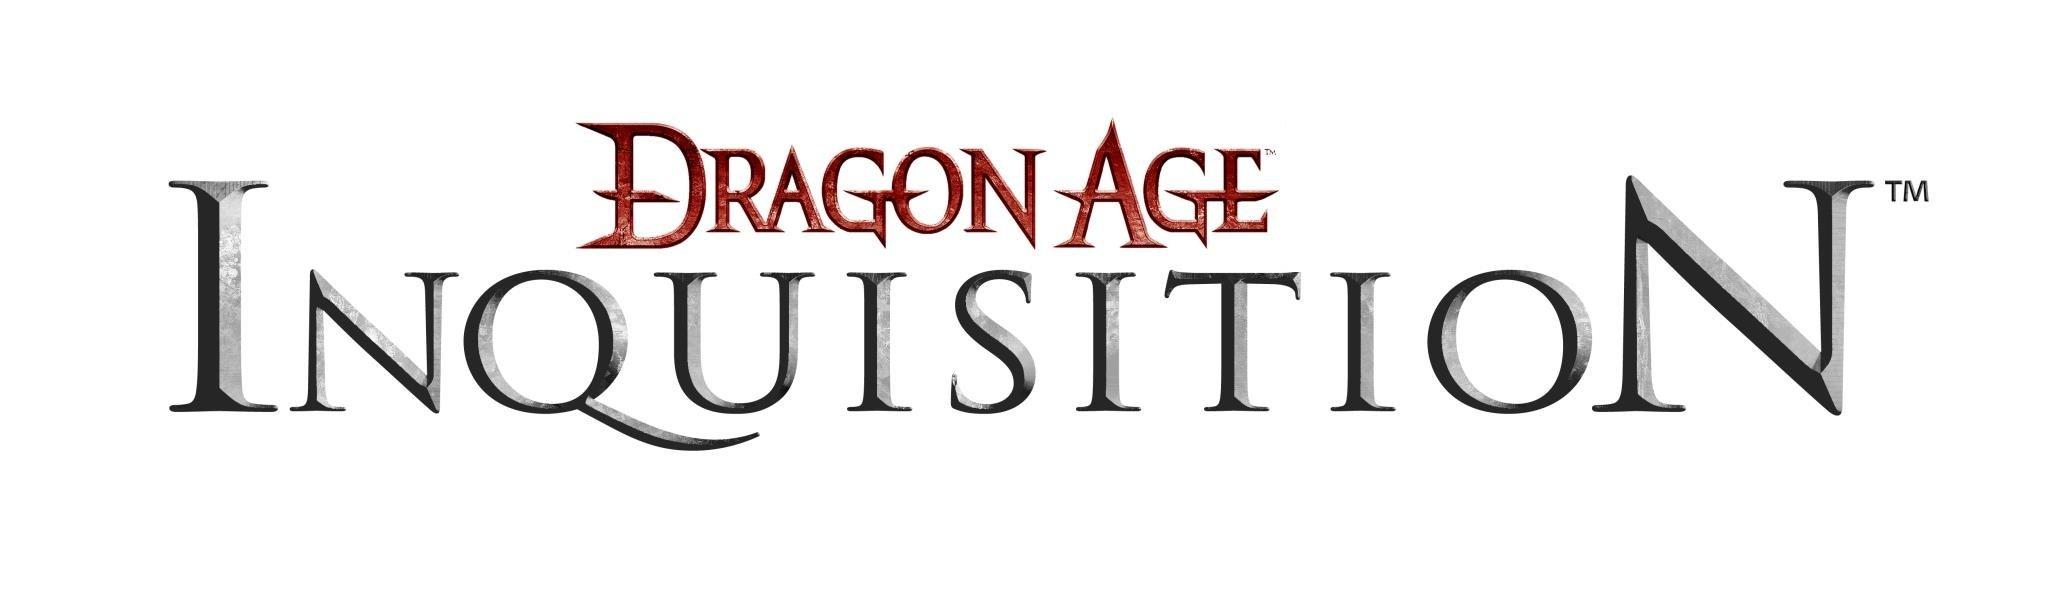 """PC-версия Dragon Age: Inquisition обзаведется """"непробиваемой"""" DRM-защитой Denuvo - Изображение 1"""